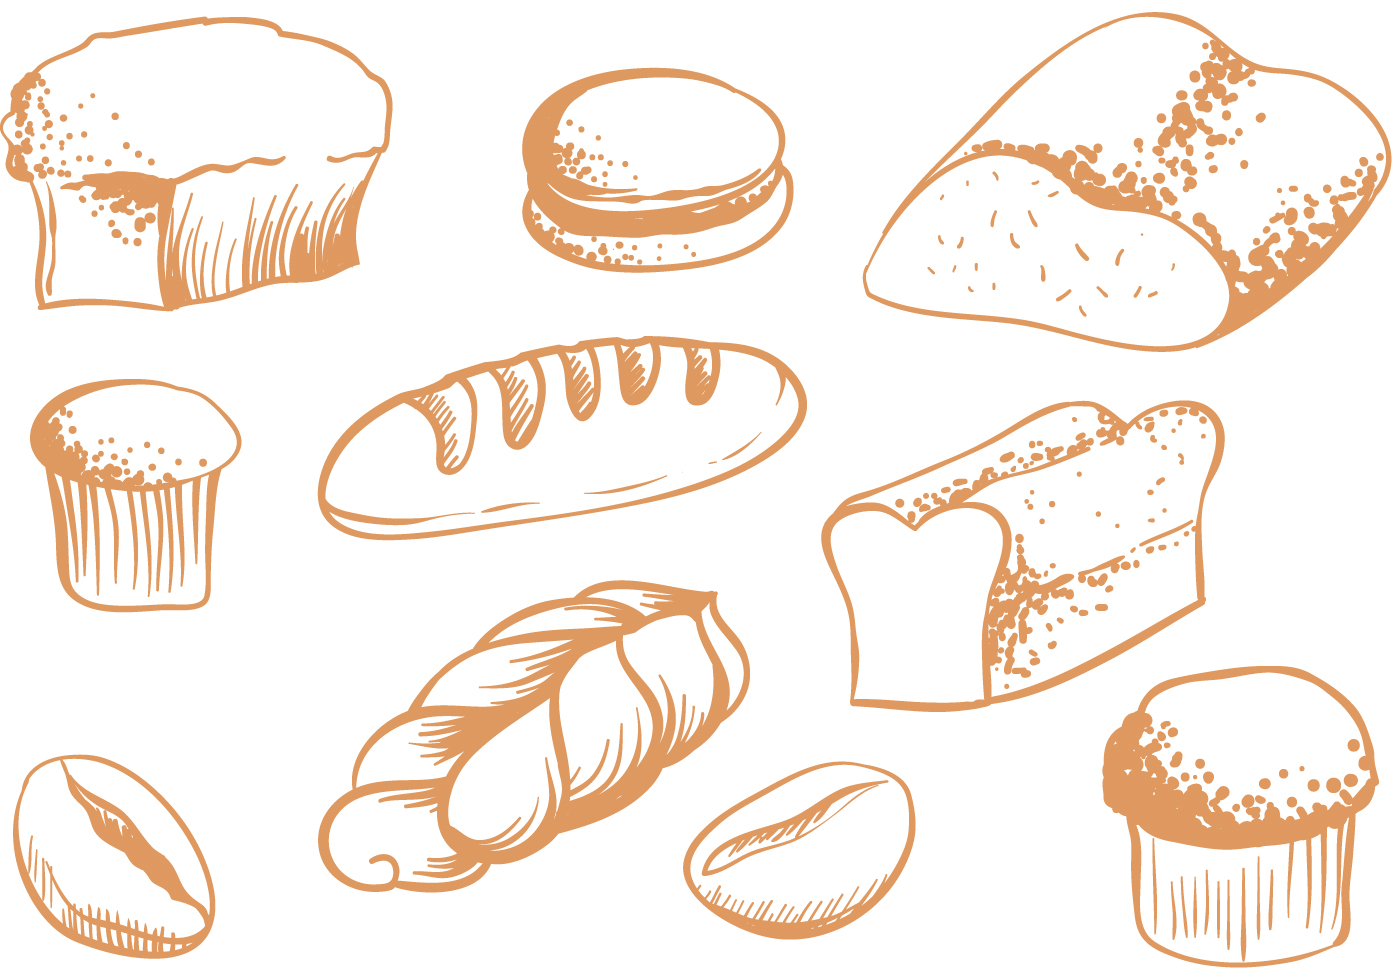 Free Breads Vectors Download Free Vectors Clipart